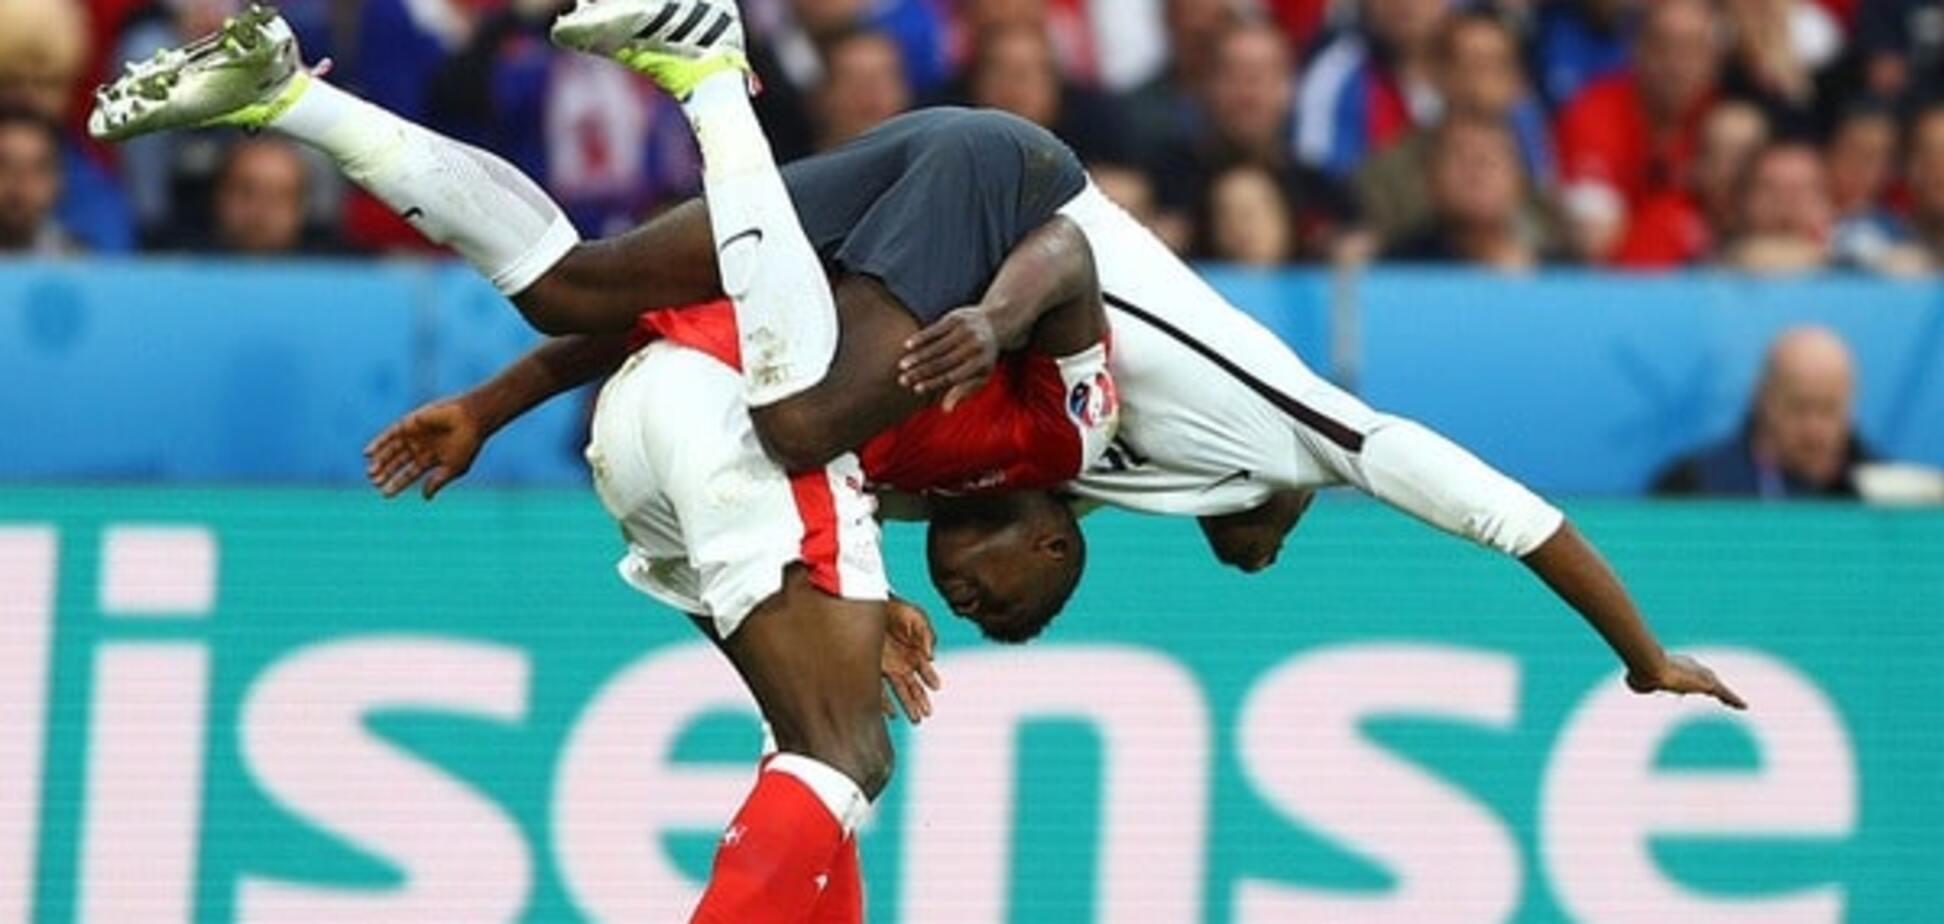 Евро-2016. Франция не смогла обыграть Швейцарию в самом курьезном матче турнира